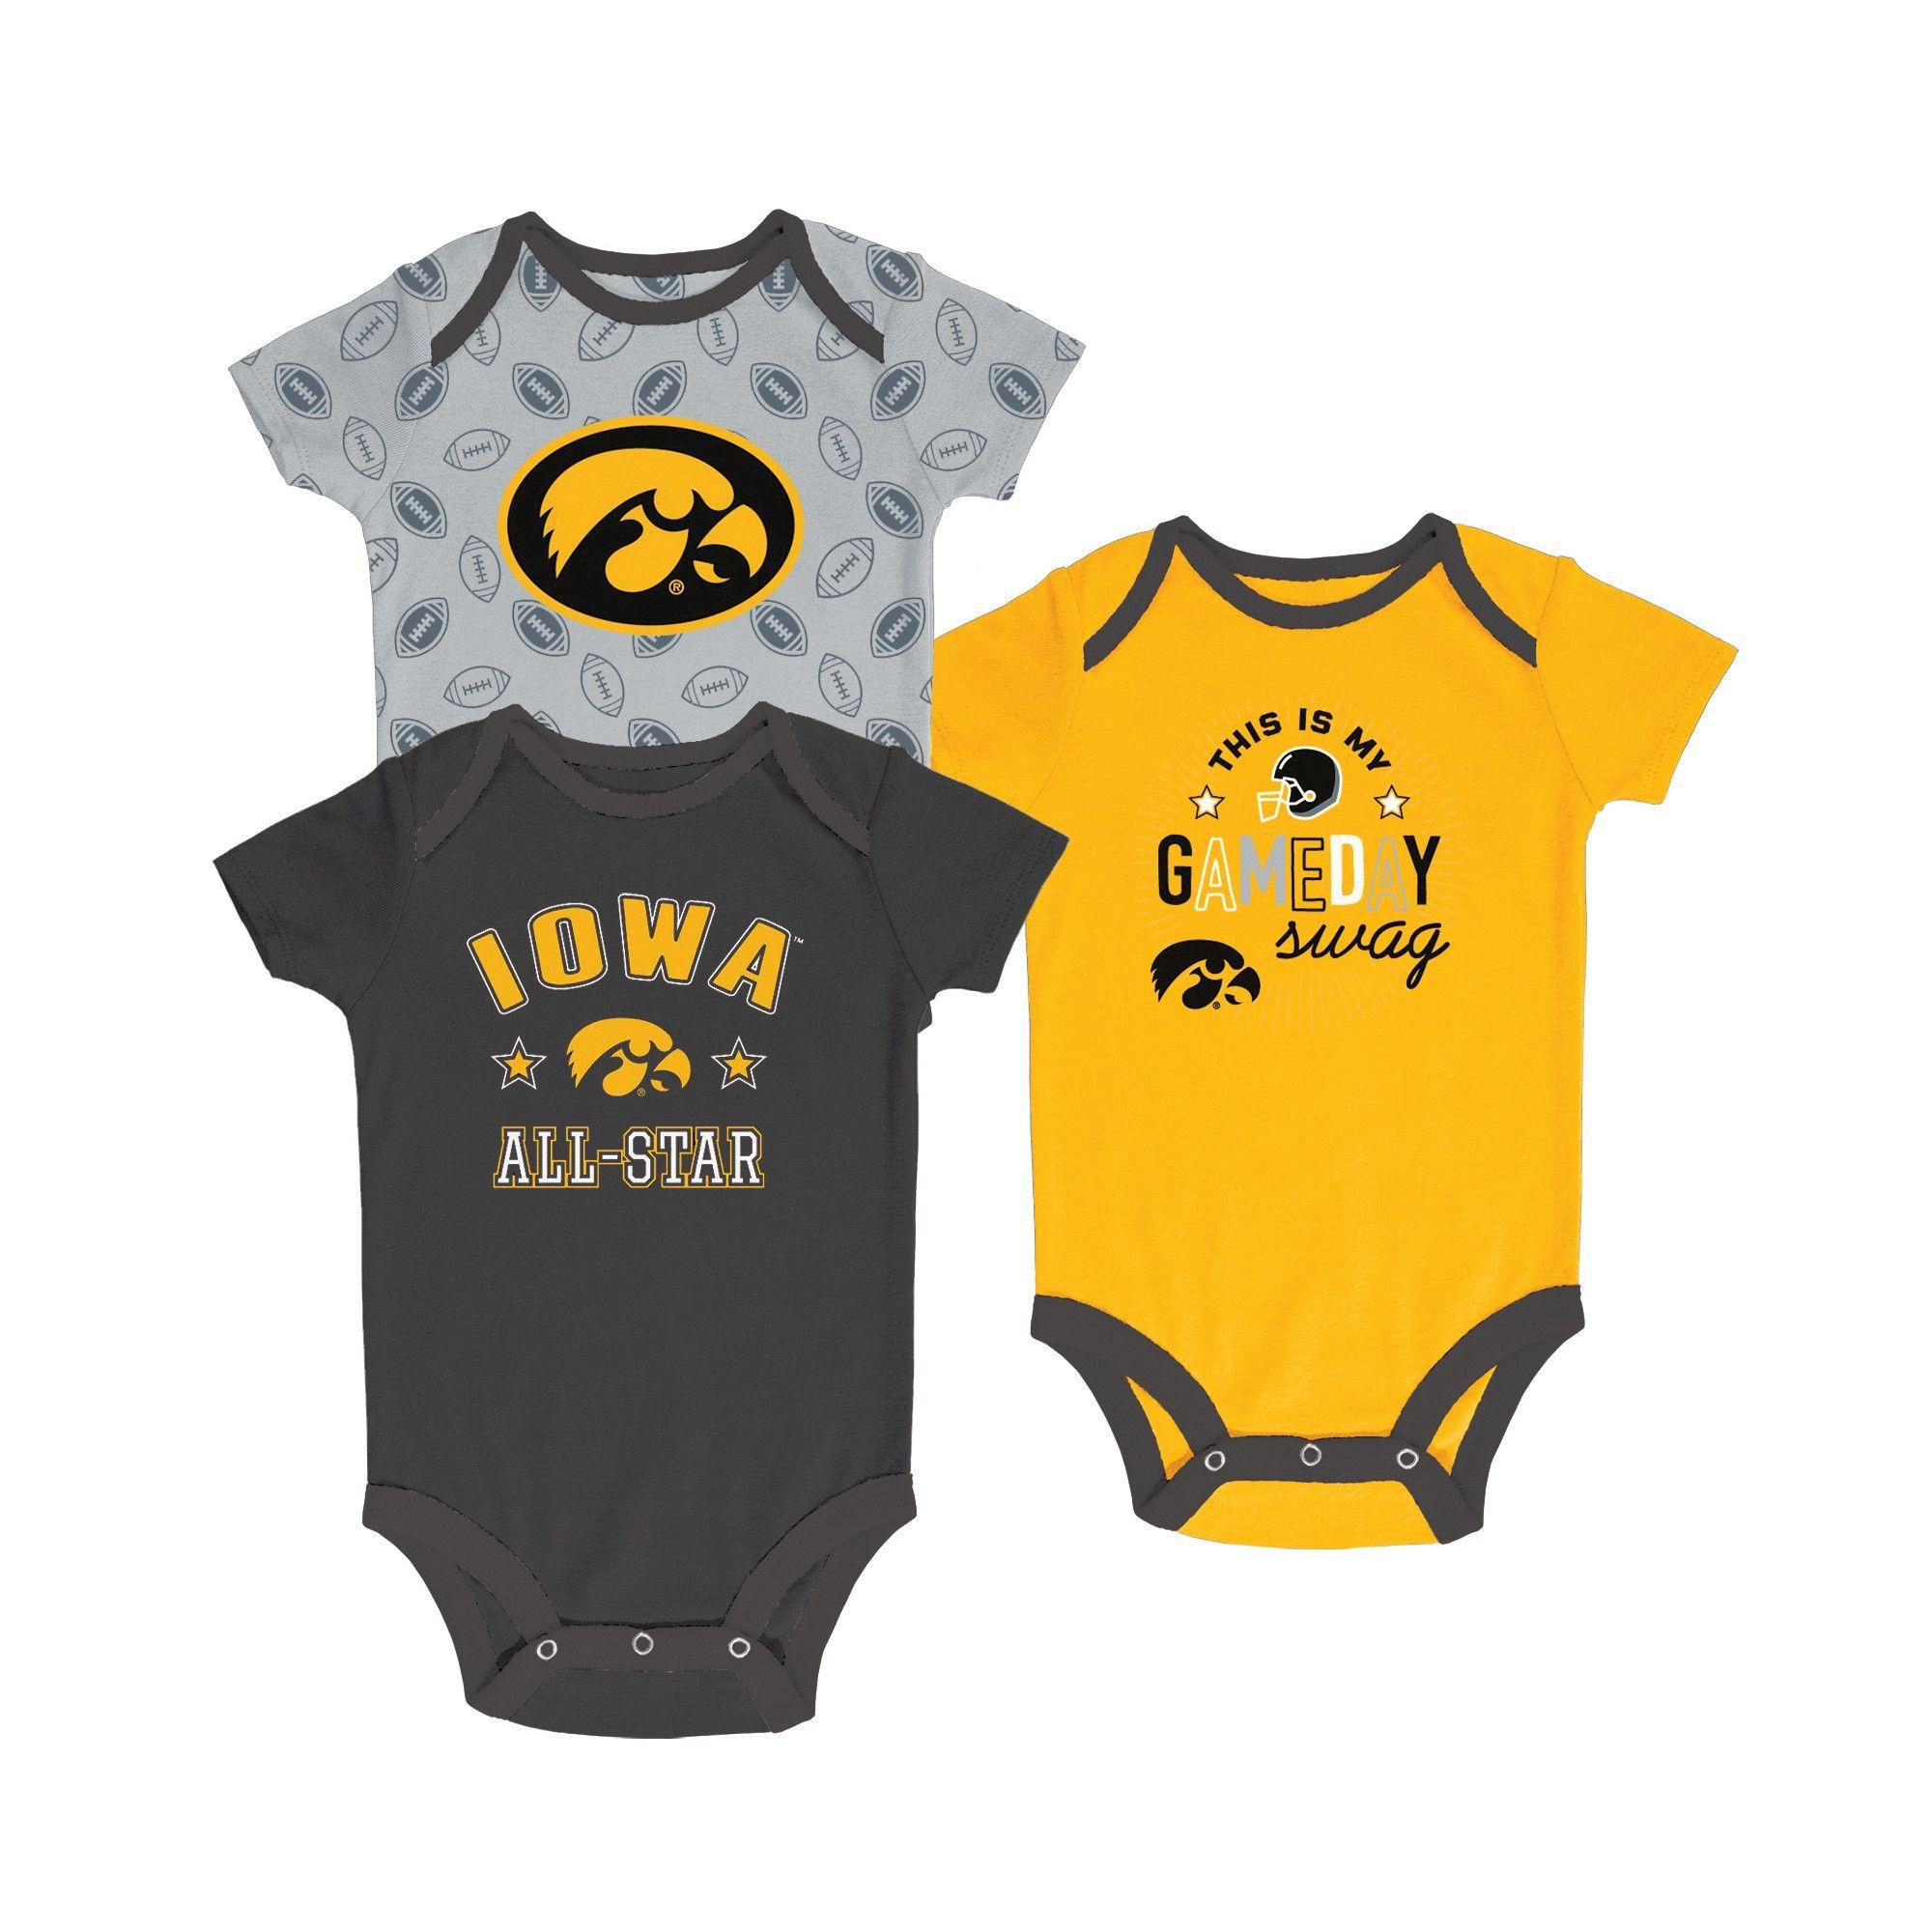 a3932f43f Iowa Hawkeyes Baby Boy Short Sleeve 3pk Bodysuit - 0-3M, Multicolored Iowa  Hawkeyes